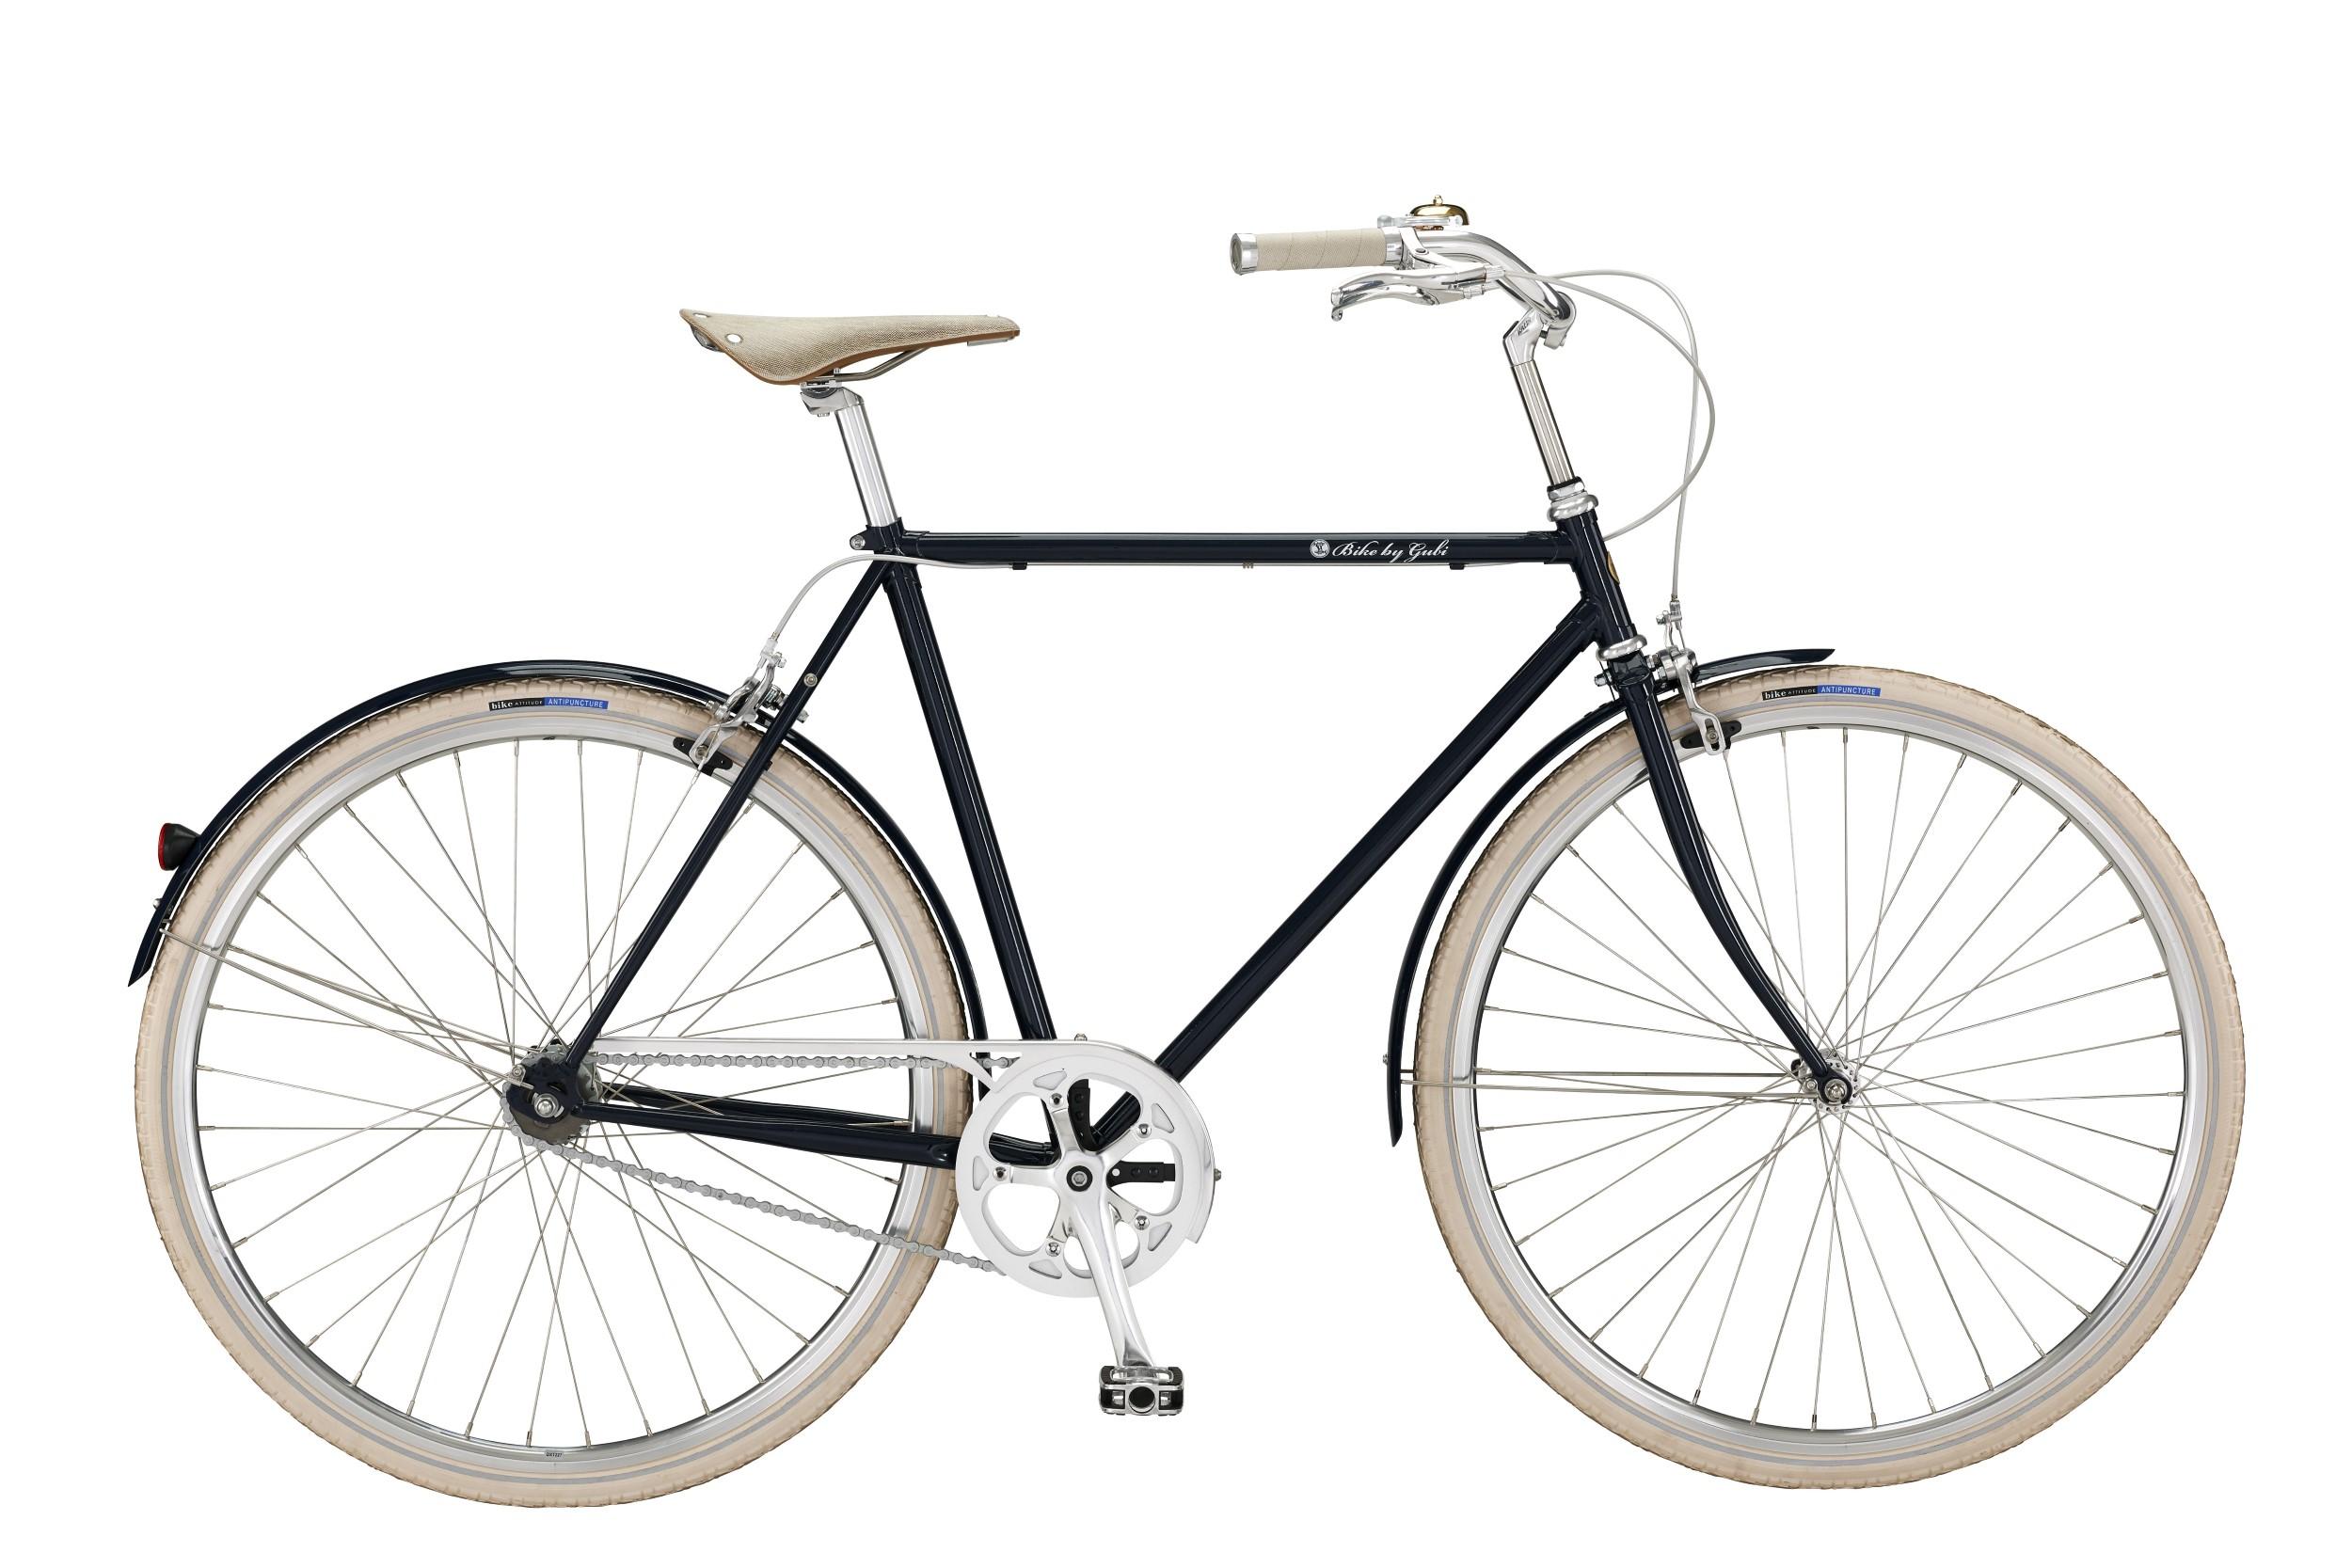 Bike by Gubi Herre 2 Auto Gear - Westminster Blue 2018